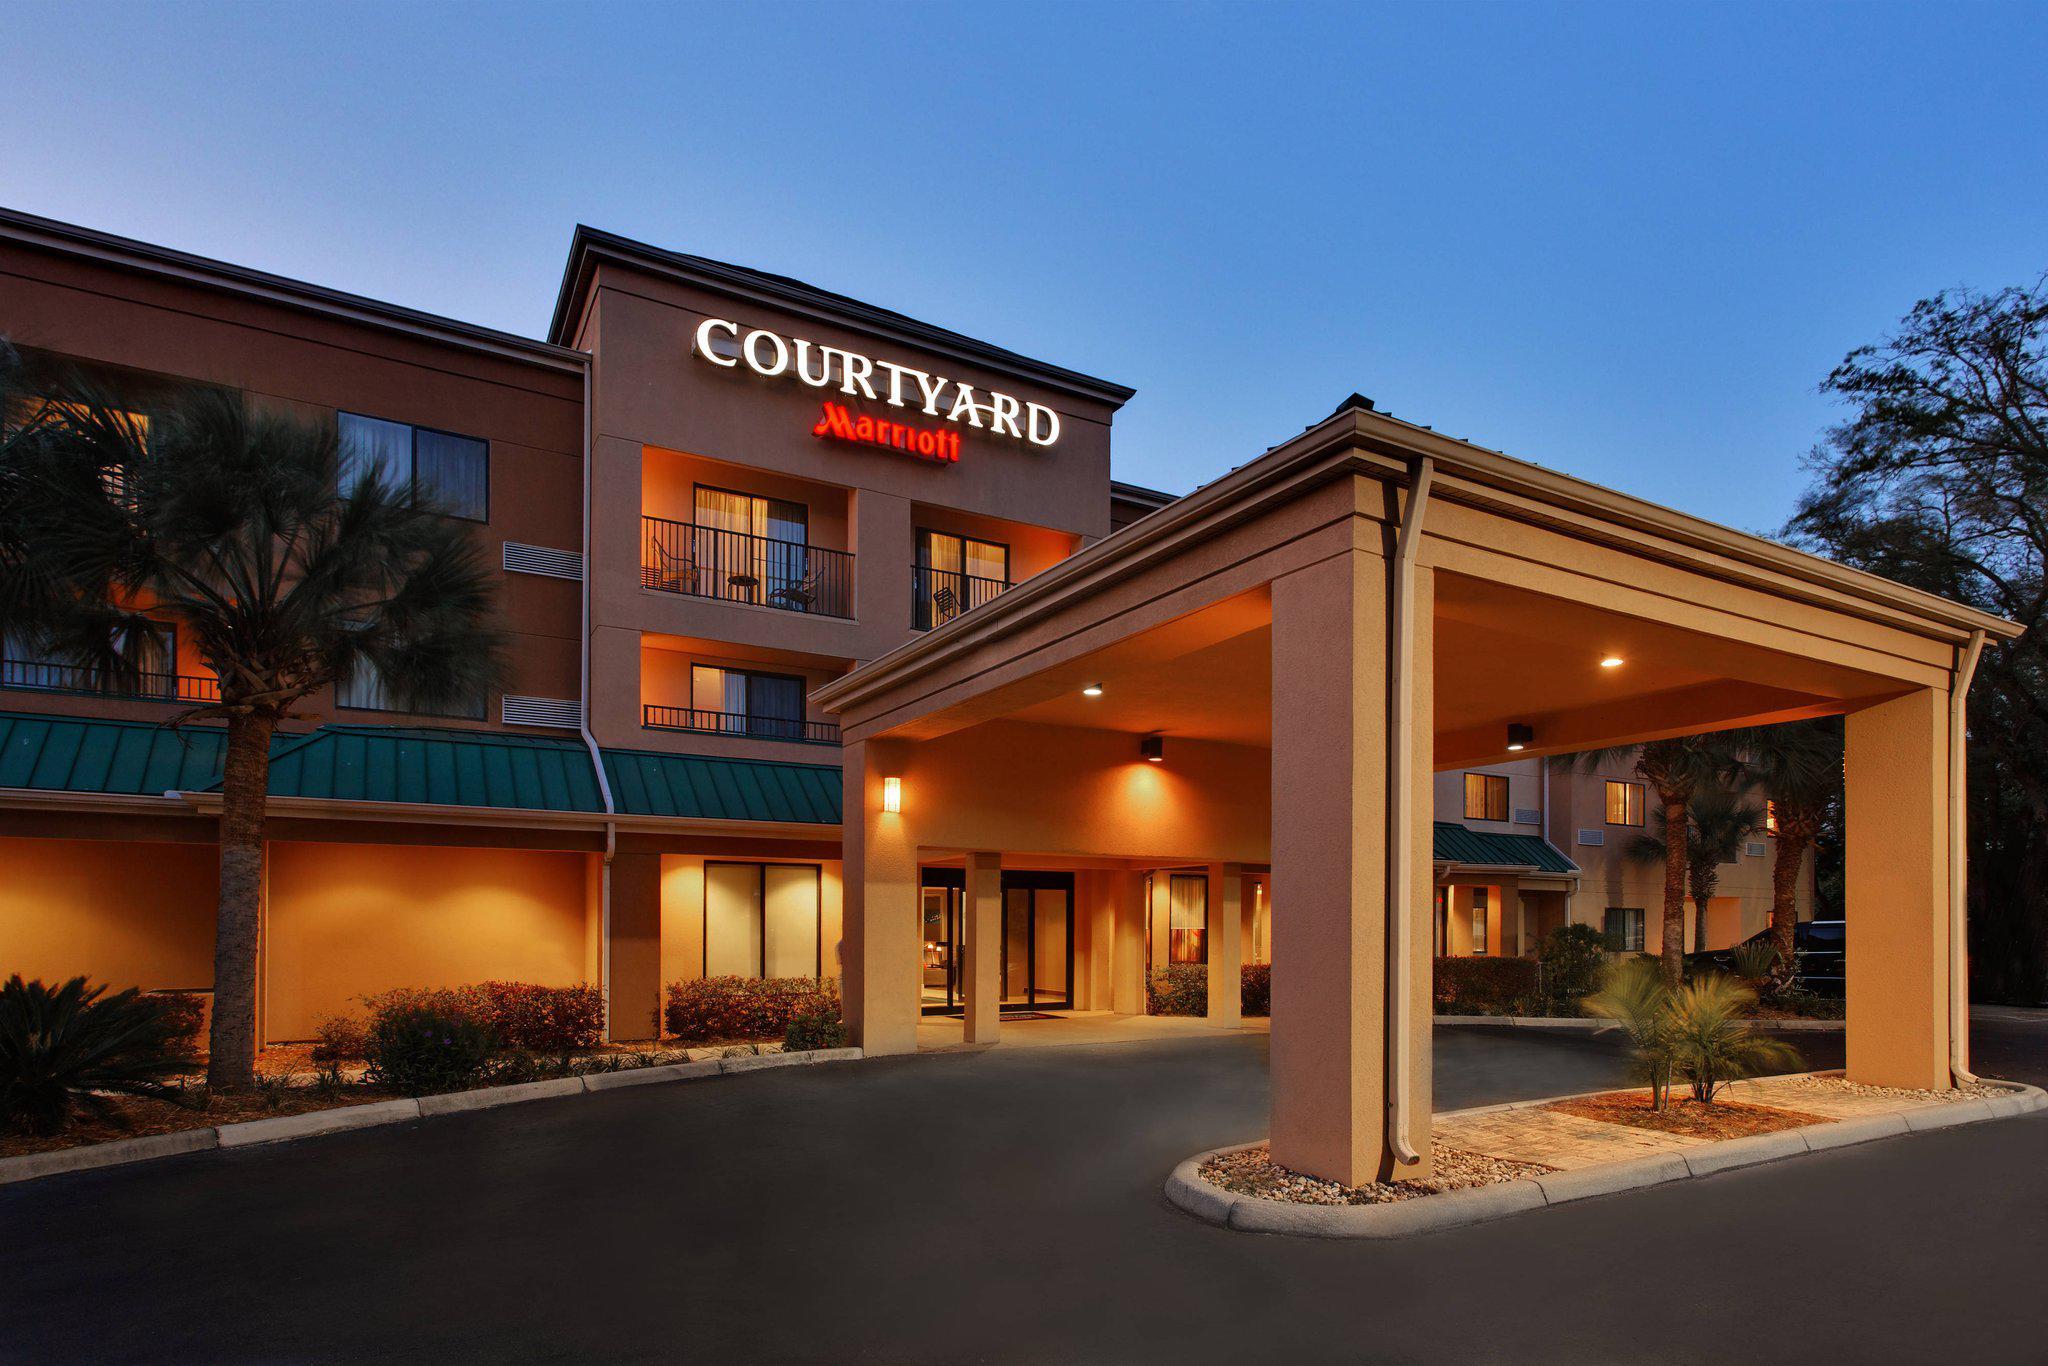 Courtyard by Marriott Gainesville